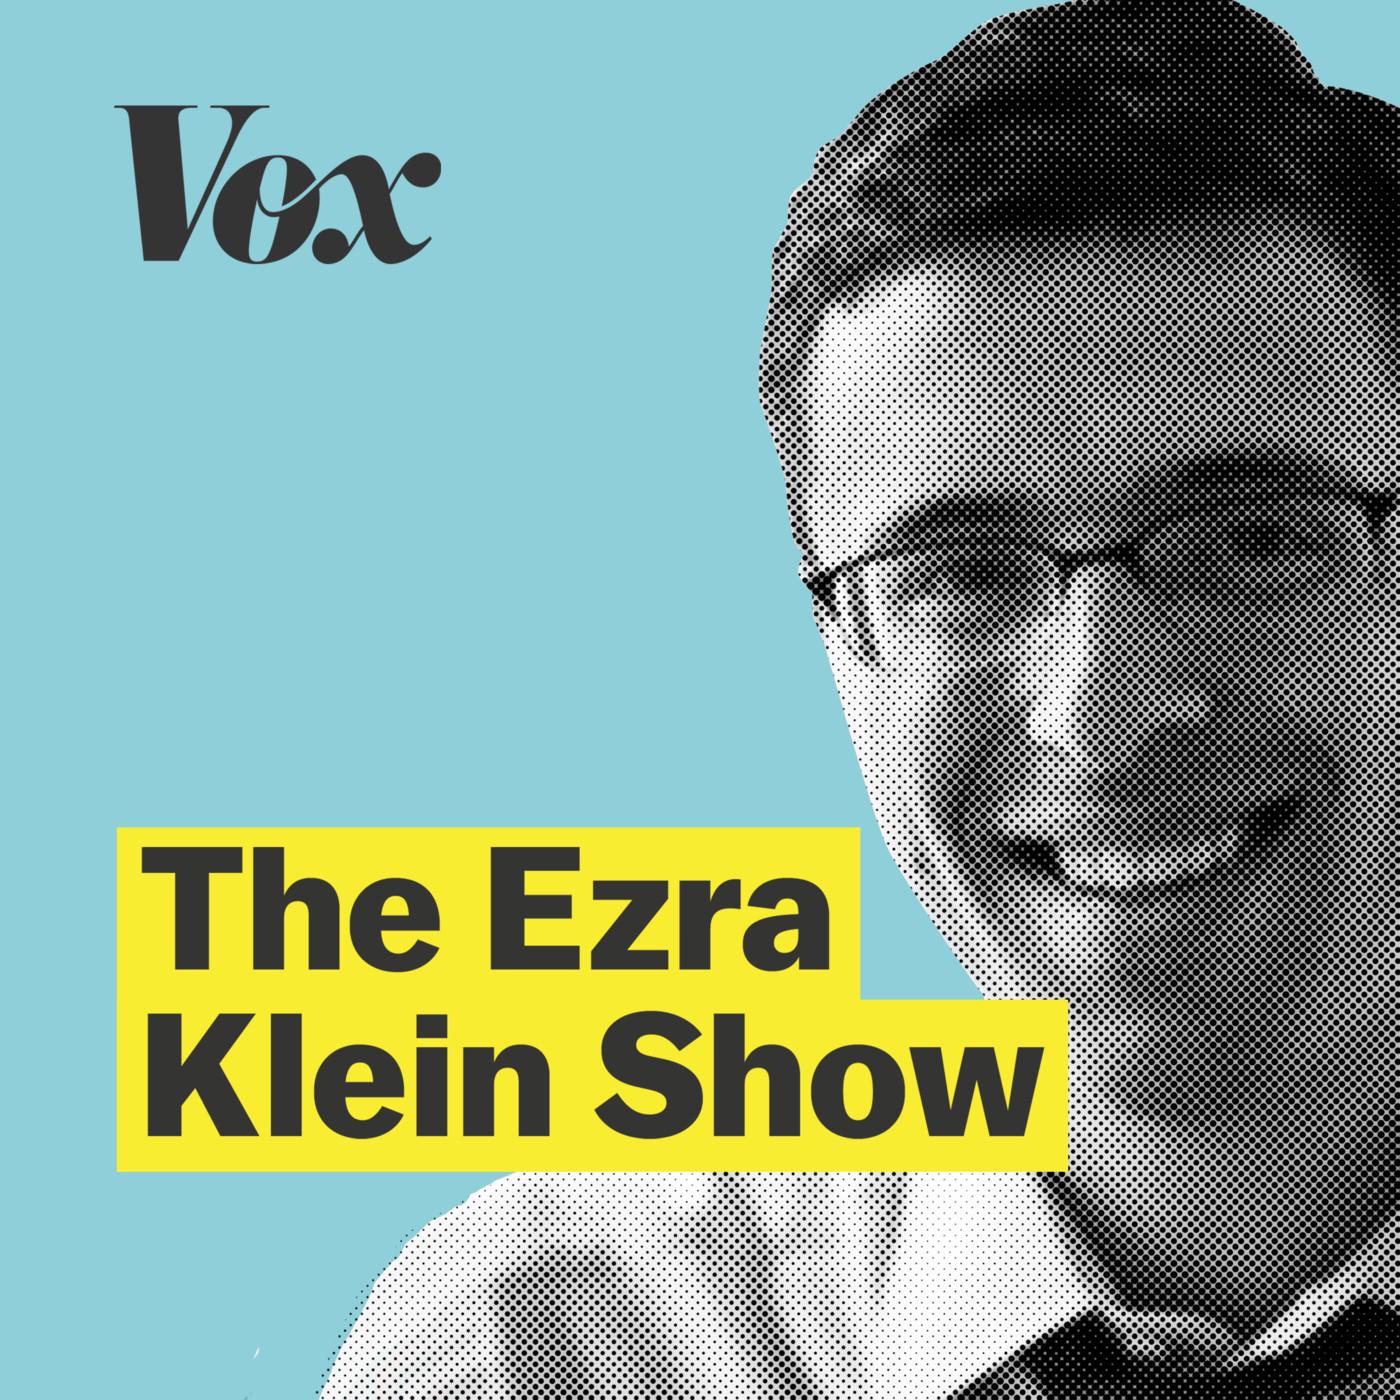 The Ezra Klein Show on Smash Notes